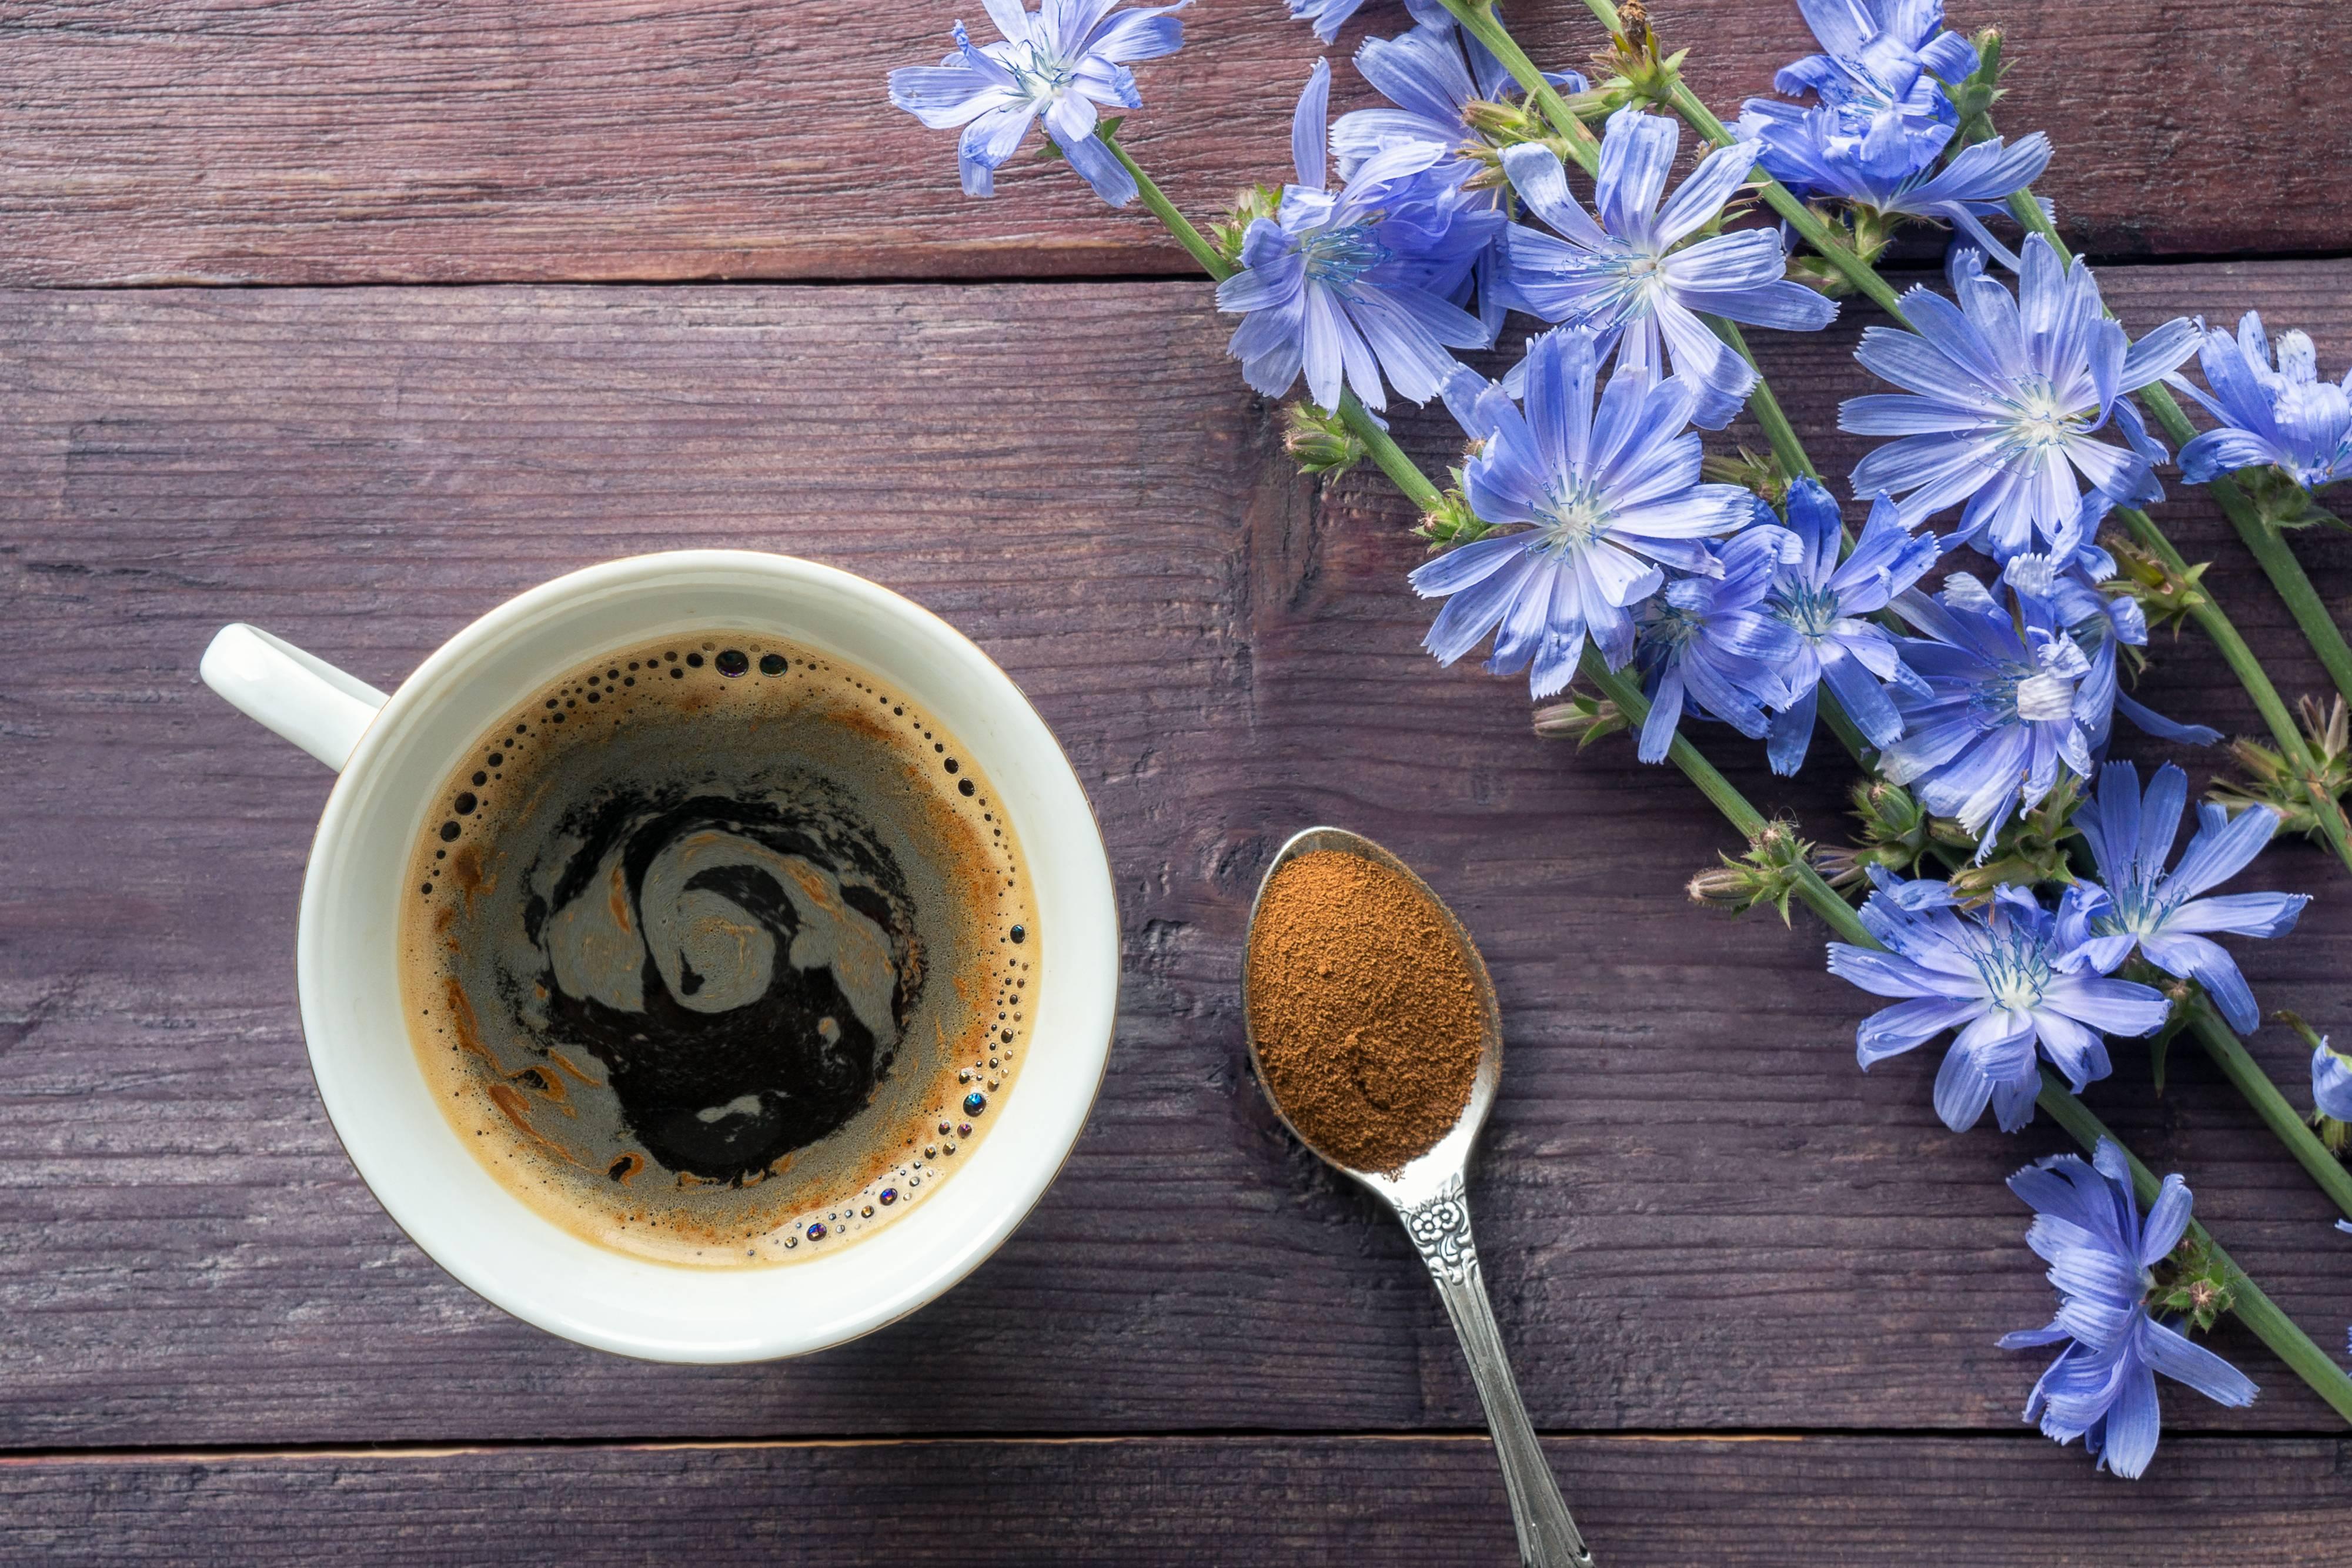 13 полезных перемен в самочувствии, которые вы испытаете, заменив кофе растворимым цикорием